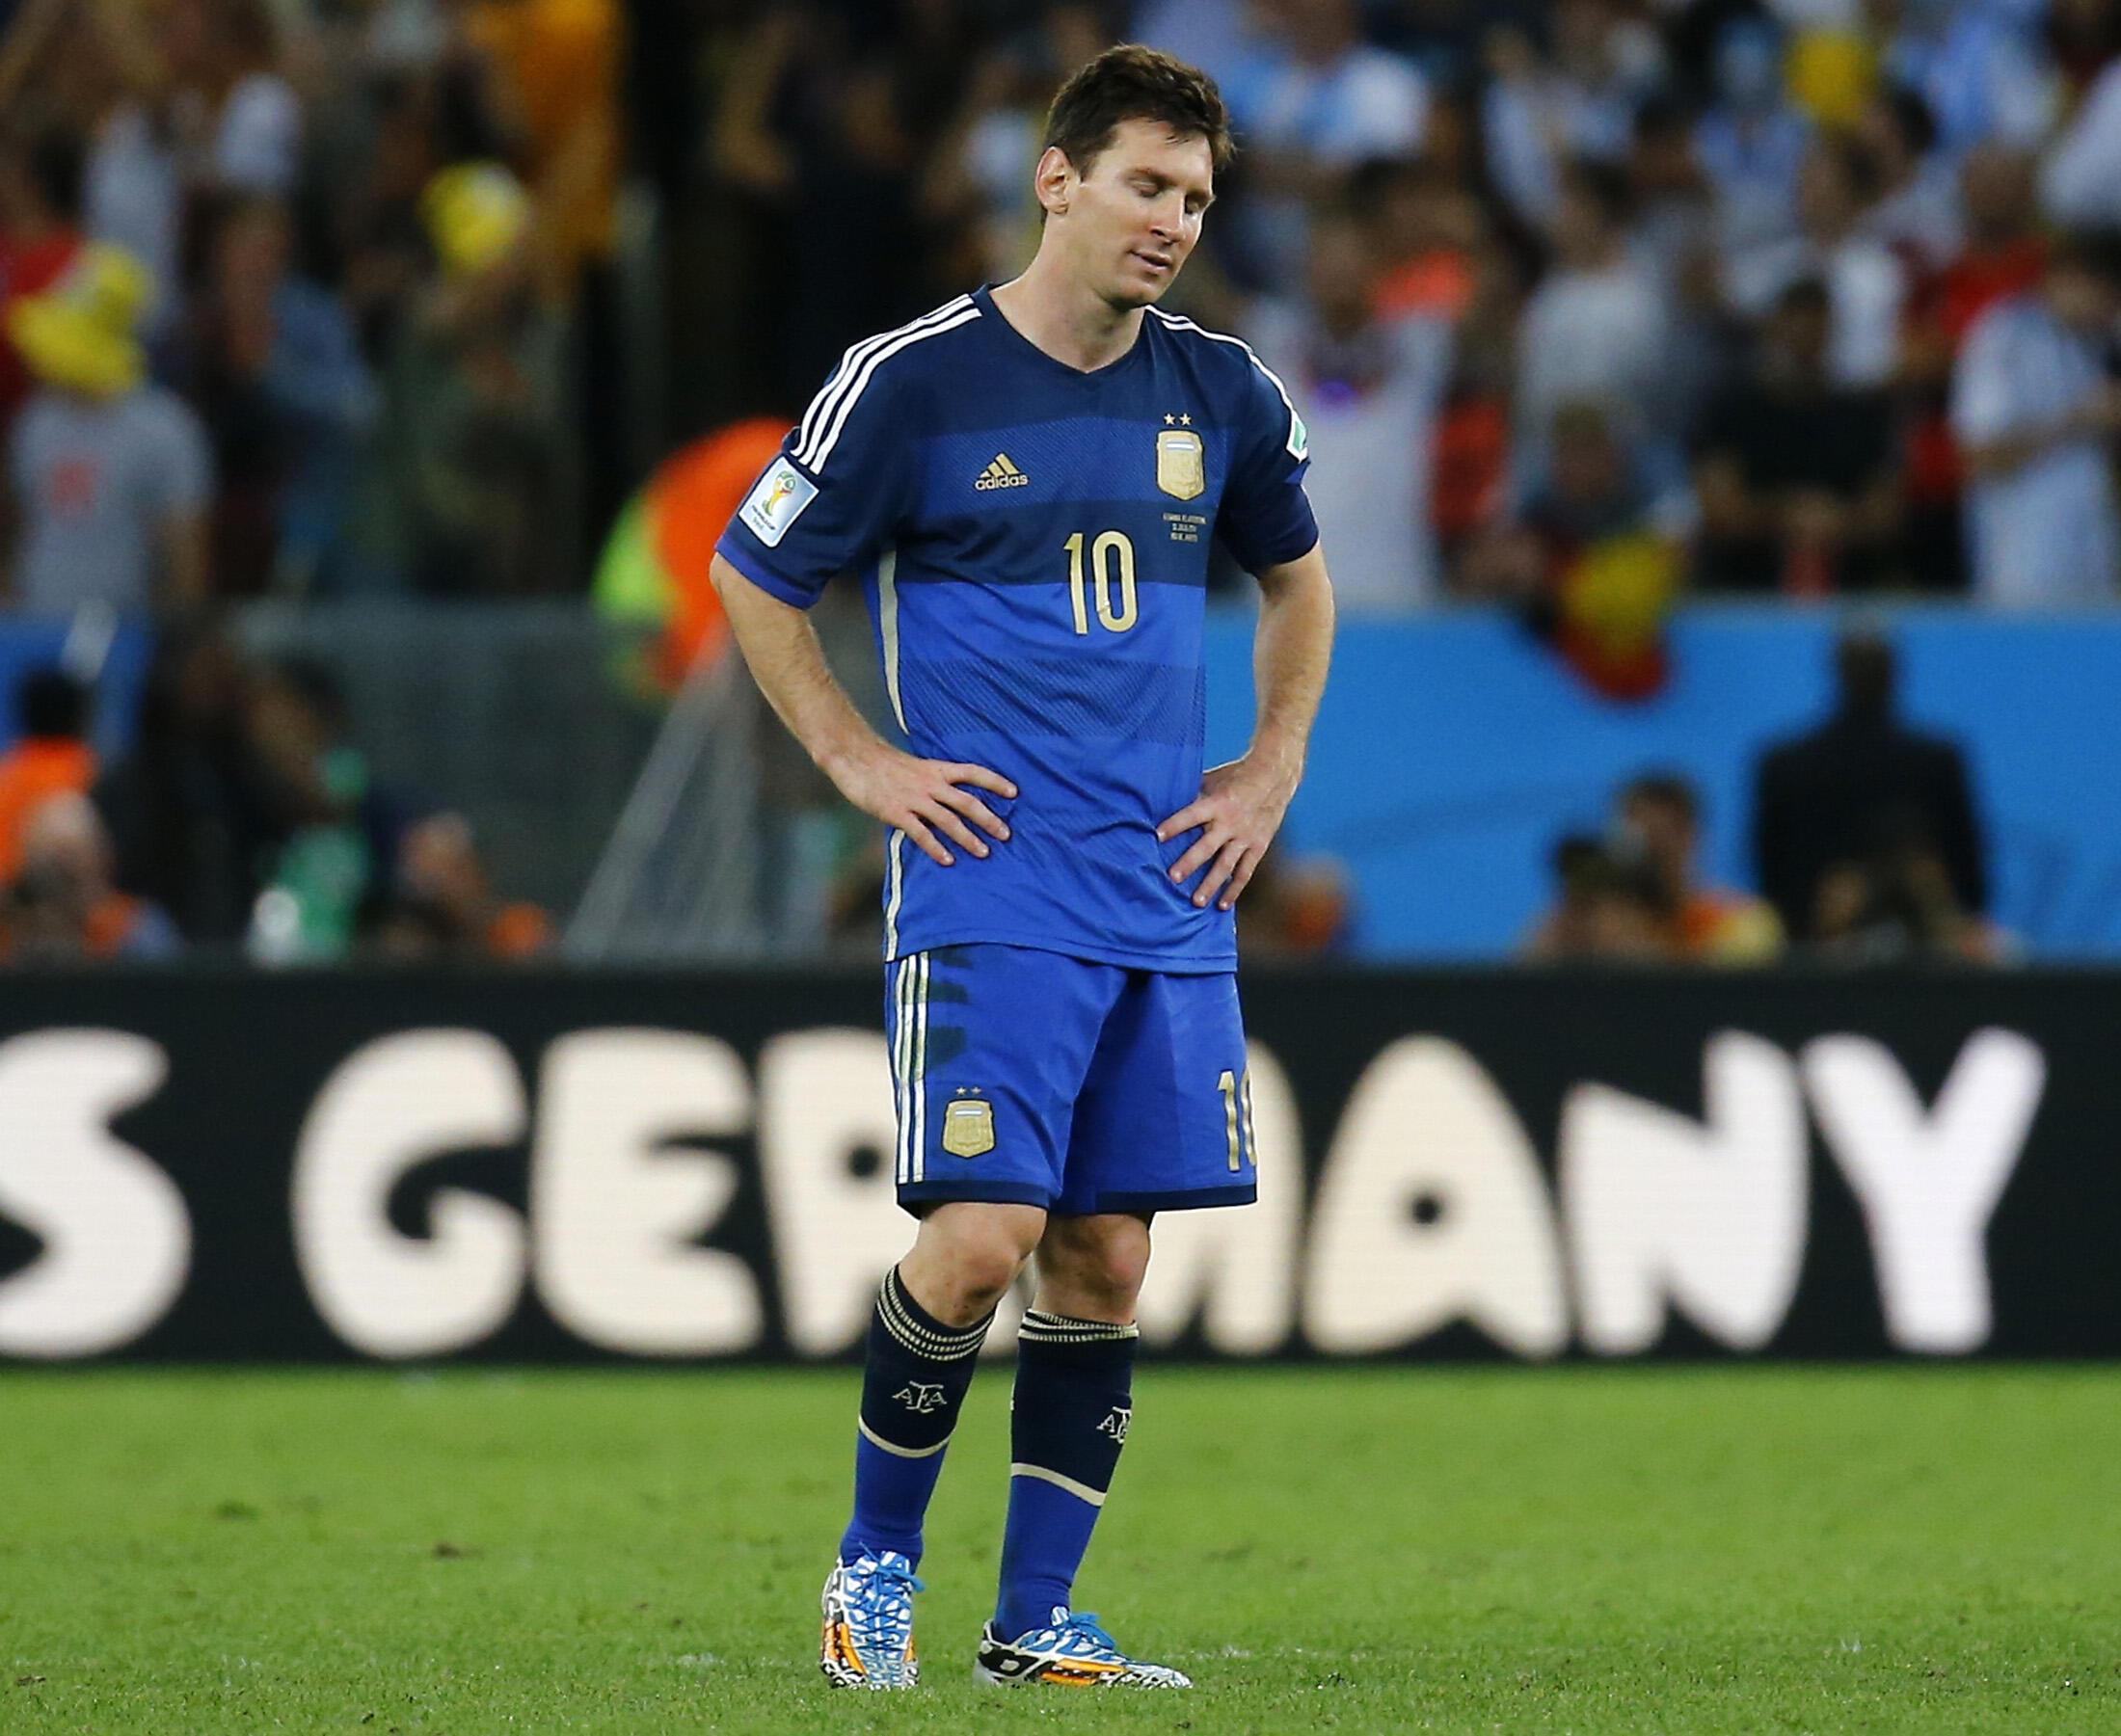 Juiz mantém acusações contra o jogador argentino Messi